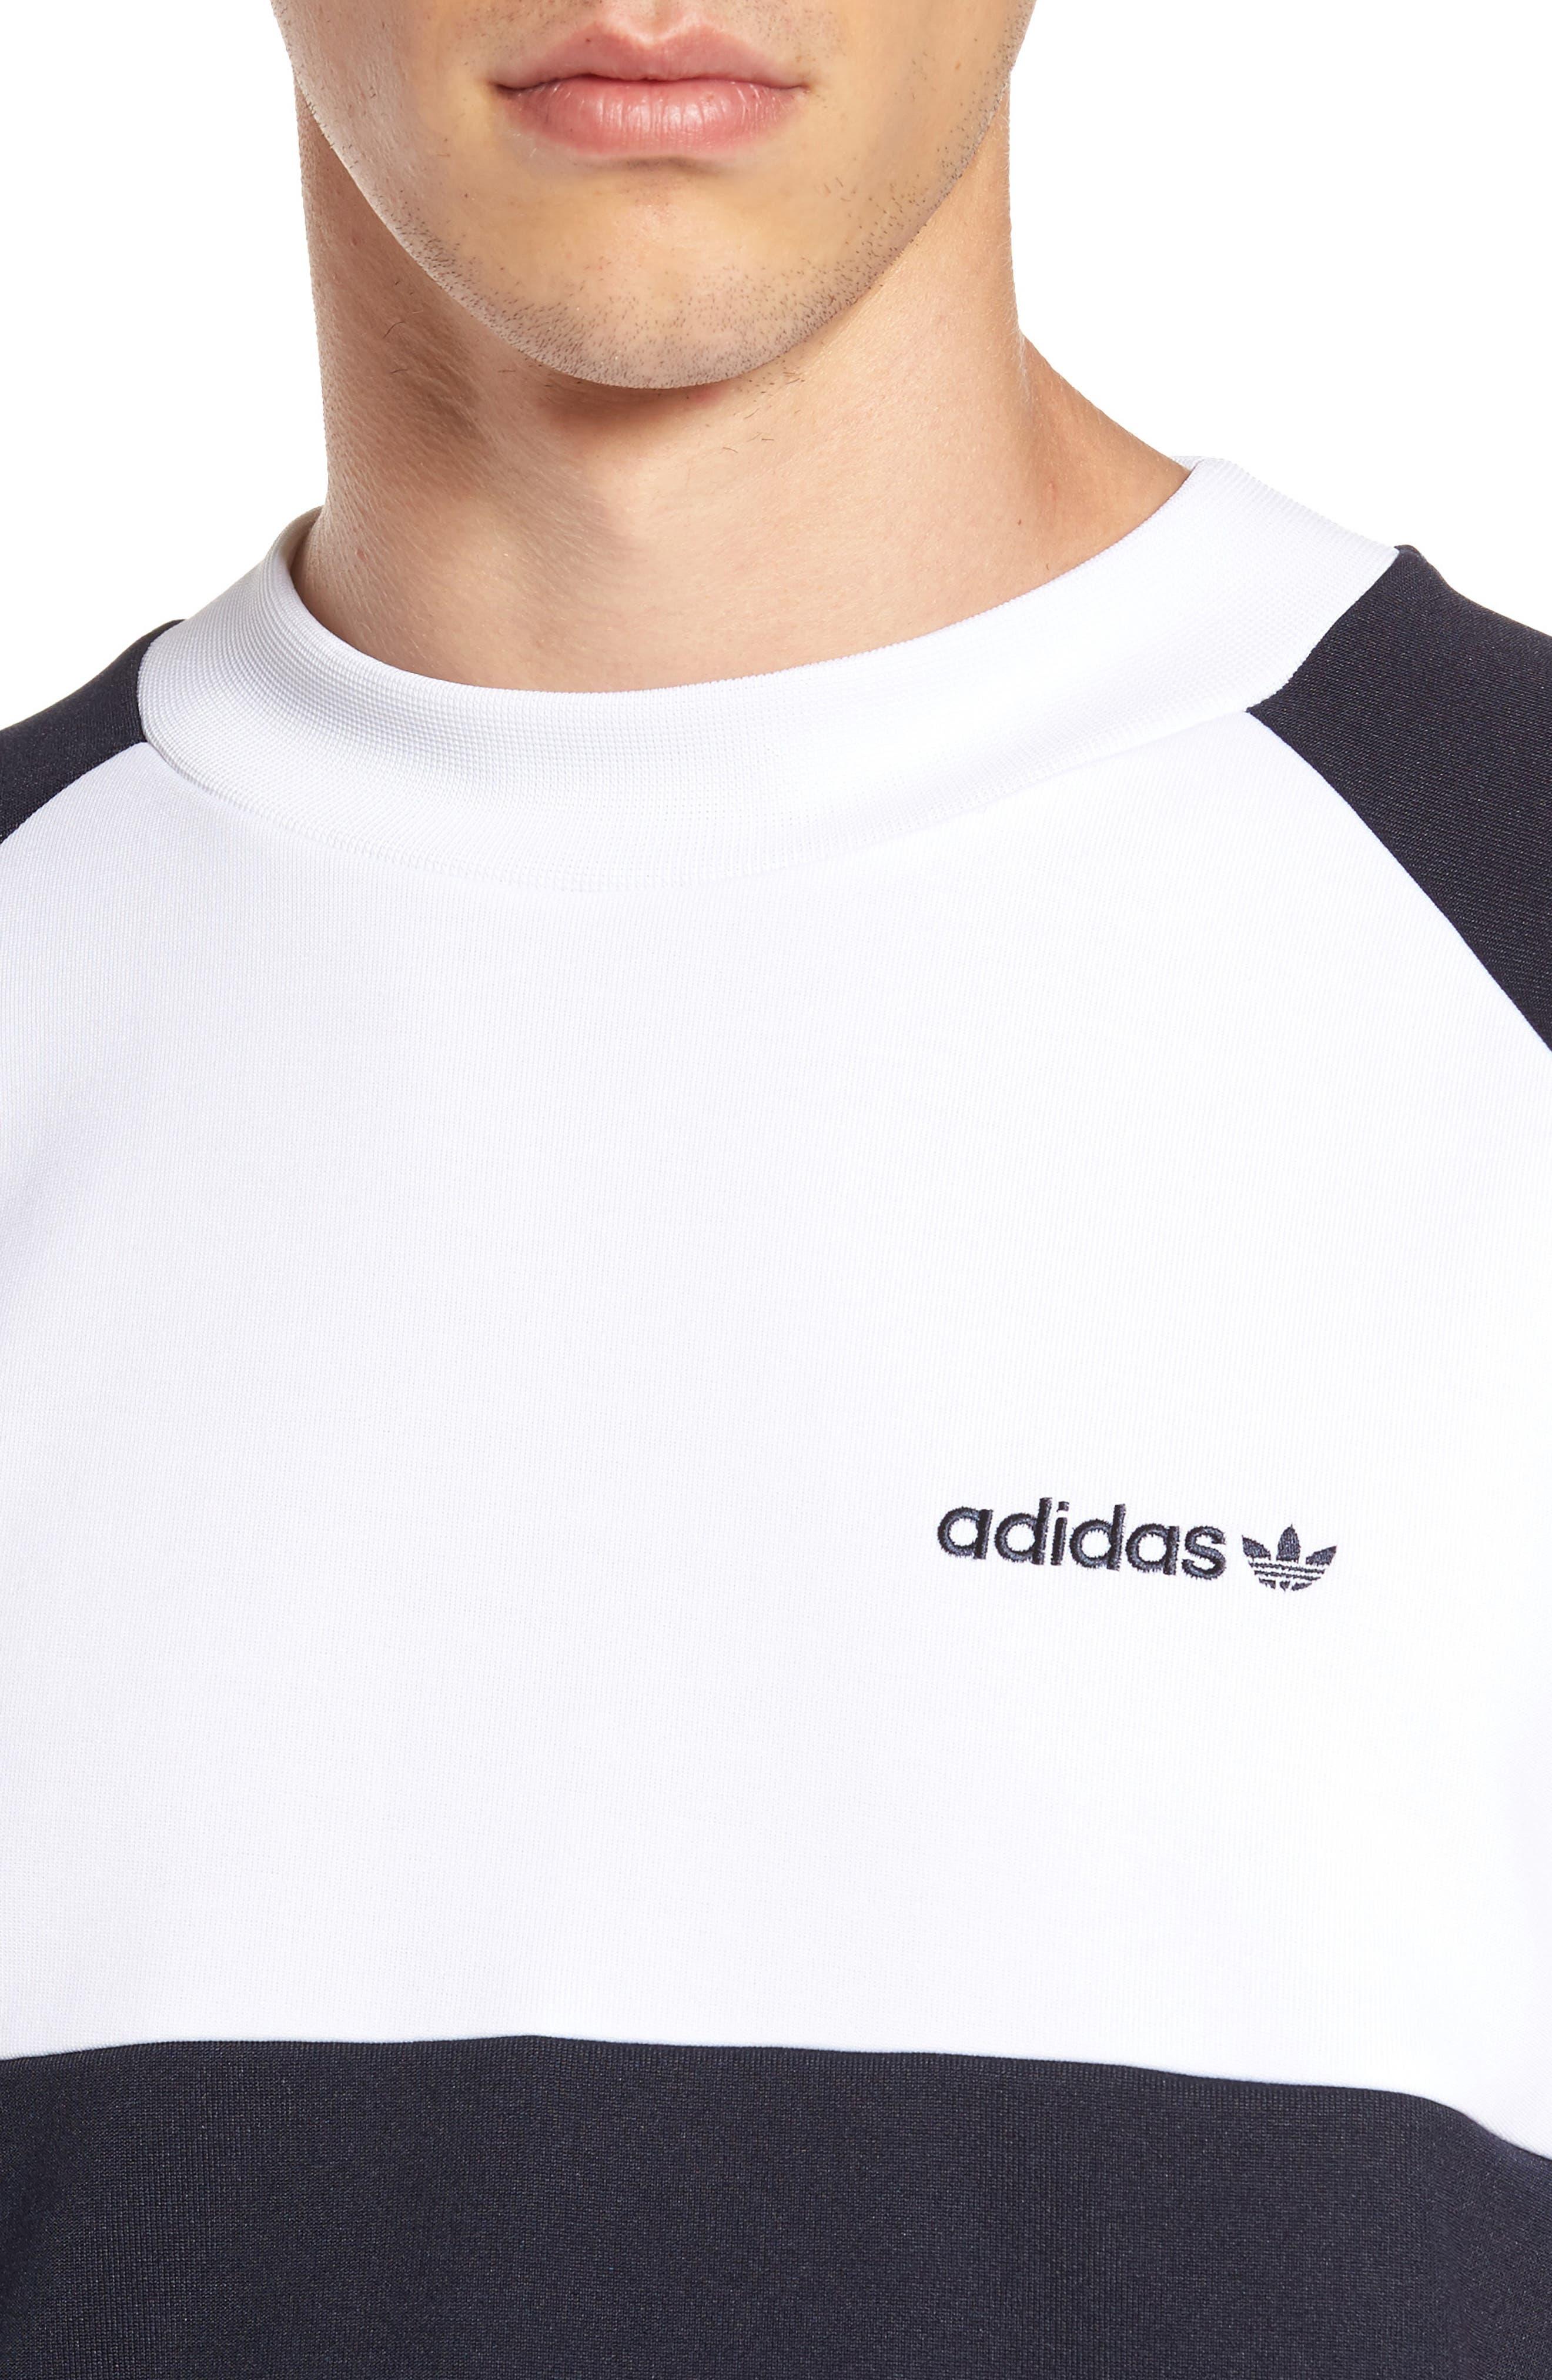 Originals Chop Shop T-Shirt,                             Alternate thumbnail 4, color,                             Legend Ink/ White